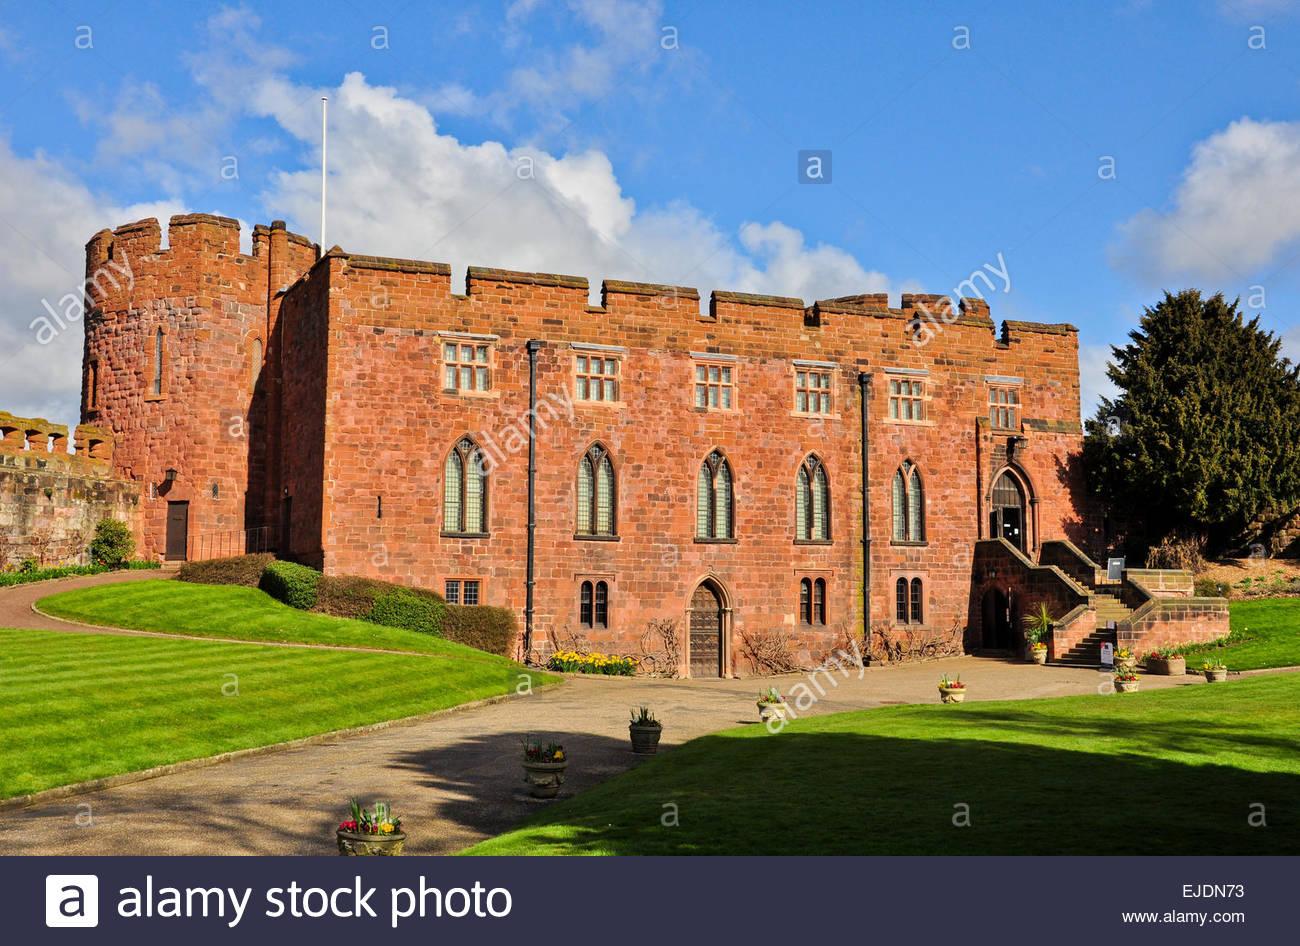 Shrewsbury's Sandstone Castle shining brightly in the Spring Sunshine, Shropshire, UK - Stock Image